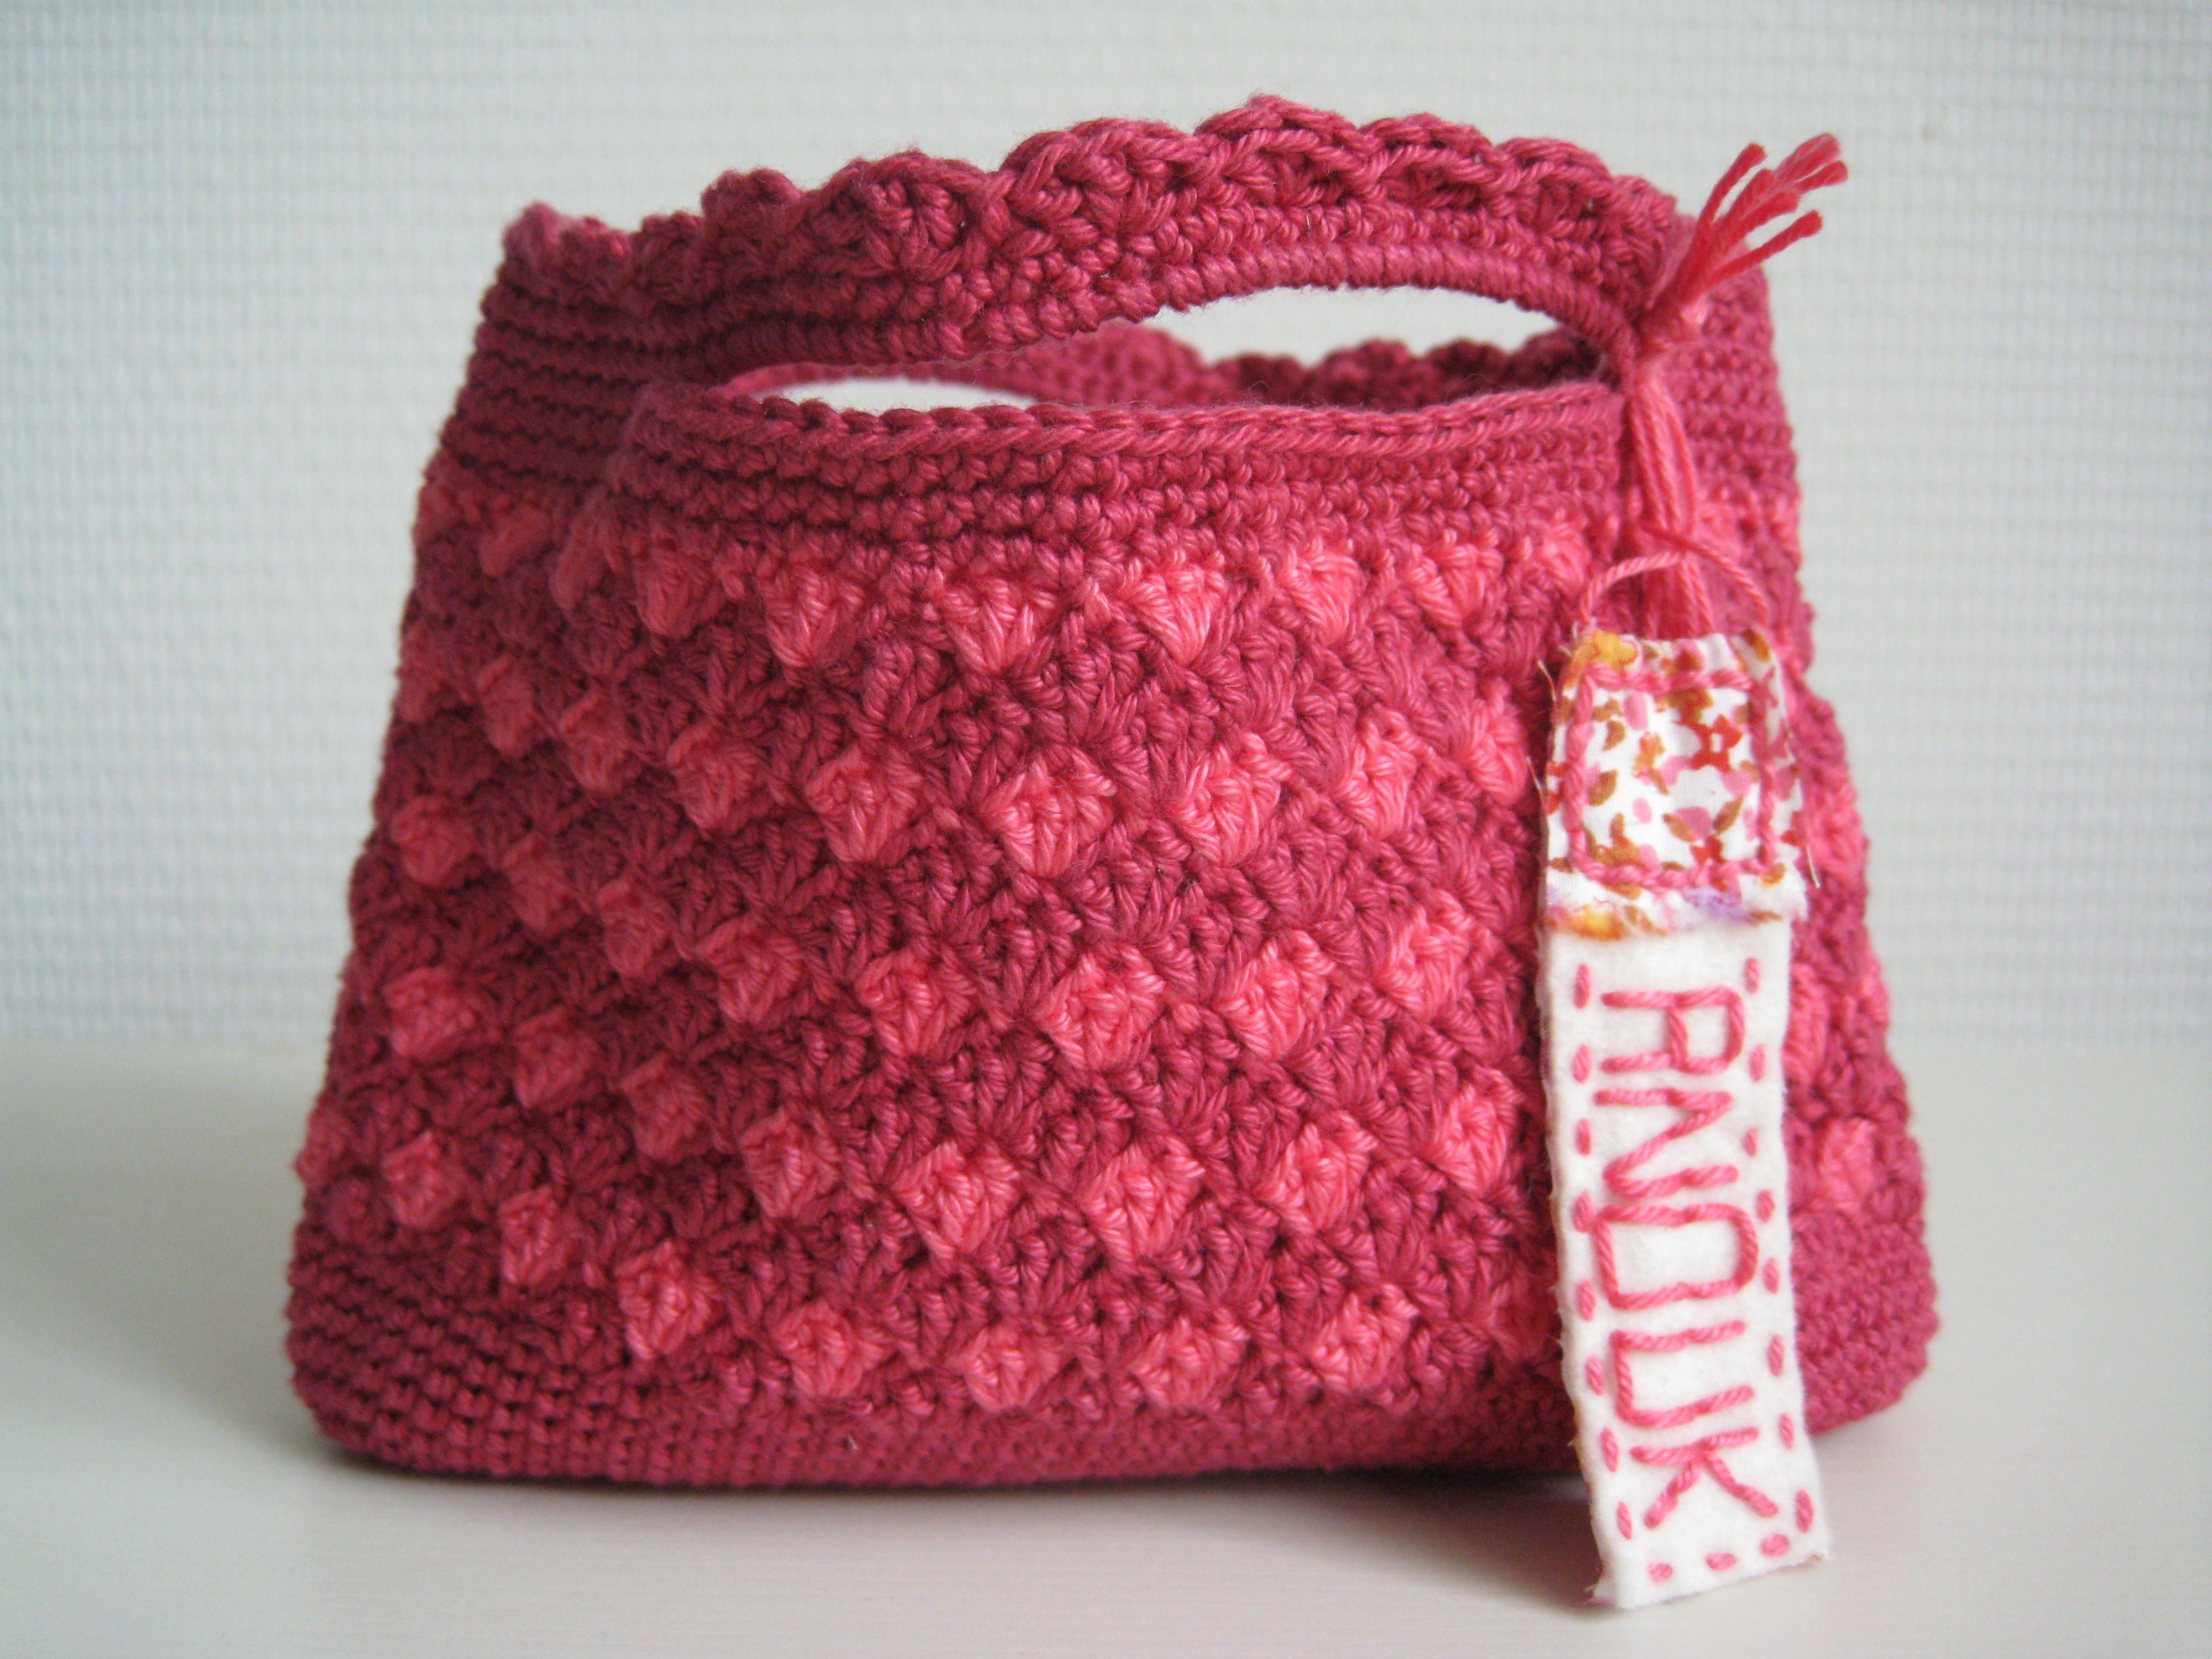 crochet bag for little girl For Emma ;-) Pinterest